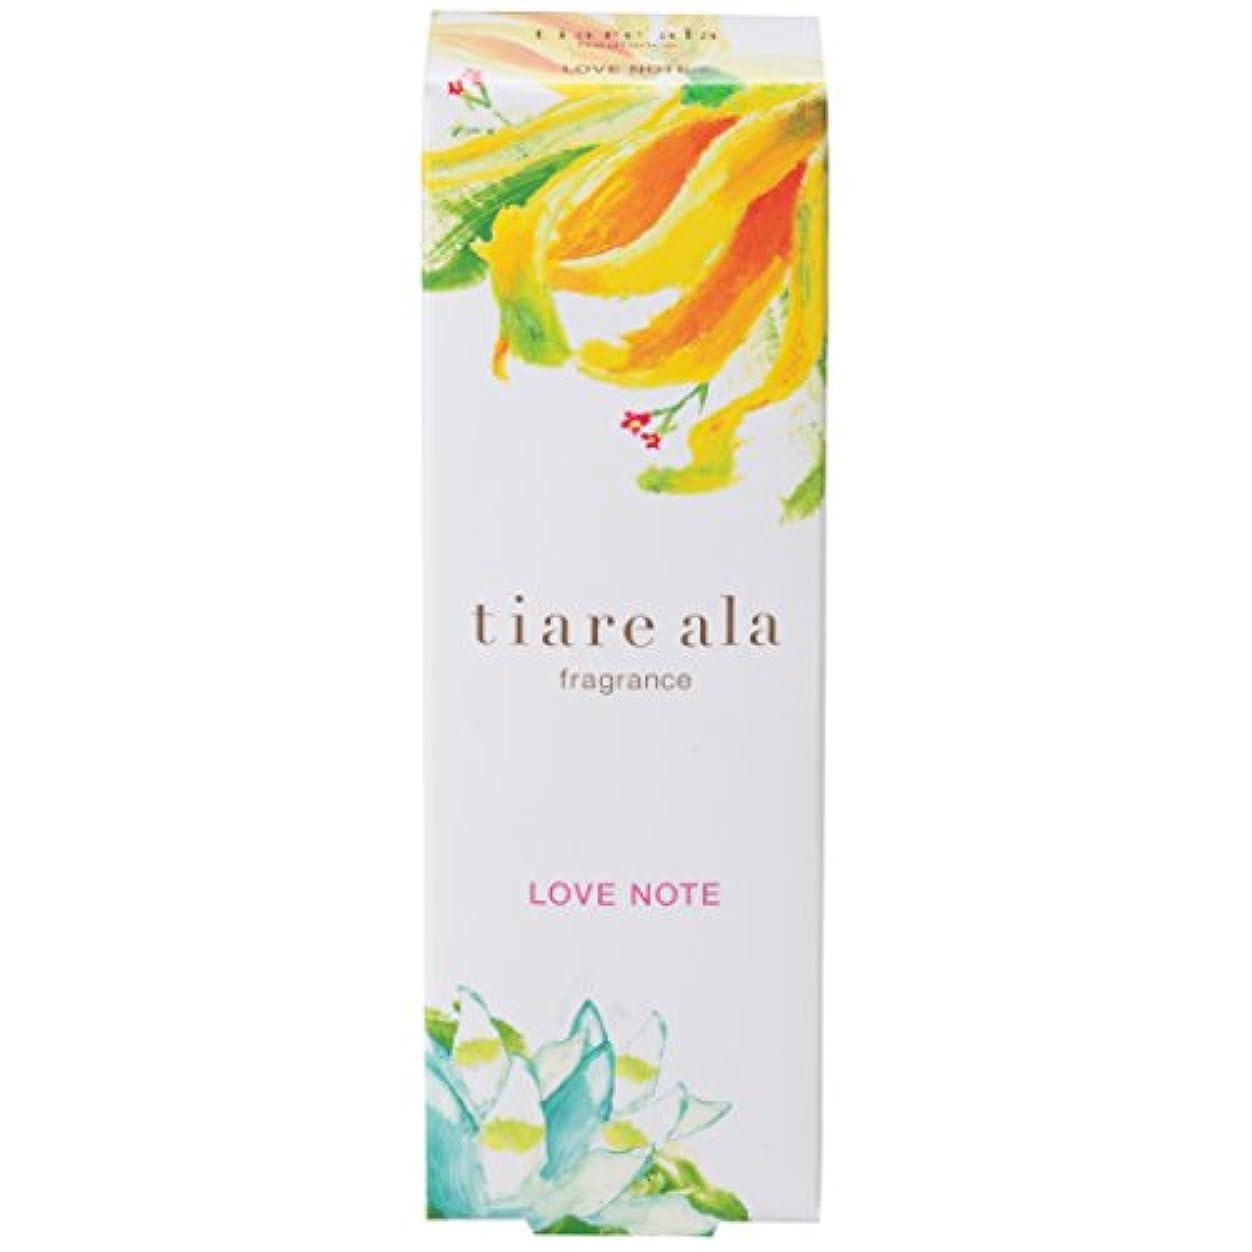 フェンスきしむより多いティアレアーラ フレグランス ラブノート 〈ネロリ & イランイランの香り〉 (14.5mL)